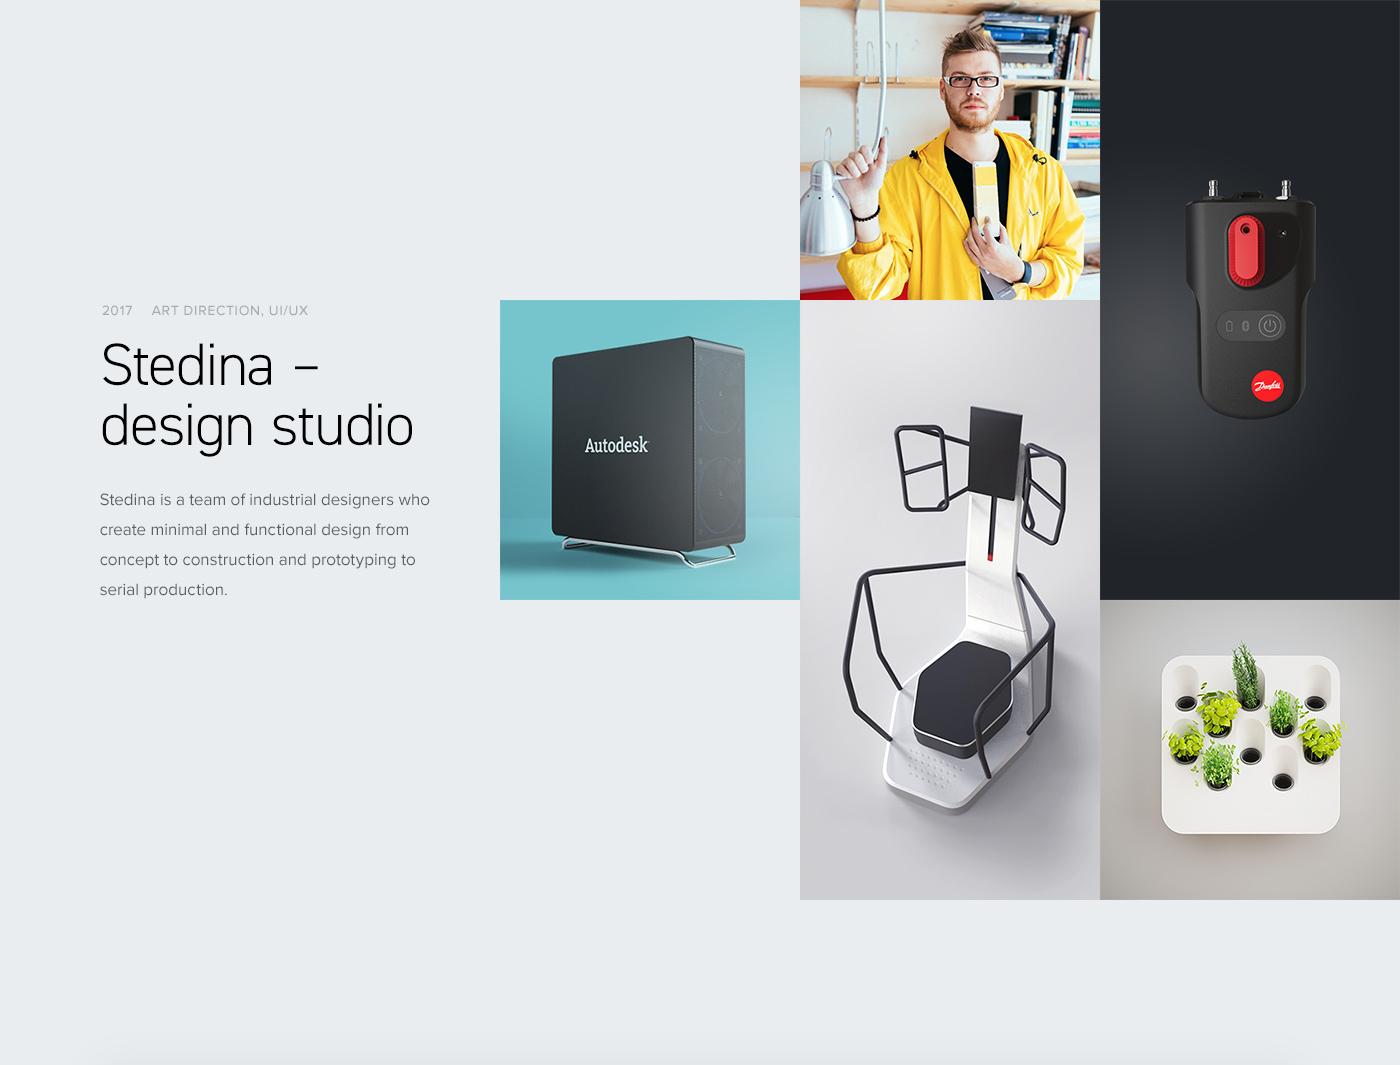 Web portfolio studio product design  industrial design  ux Case Study brand digital